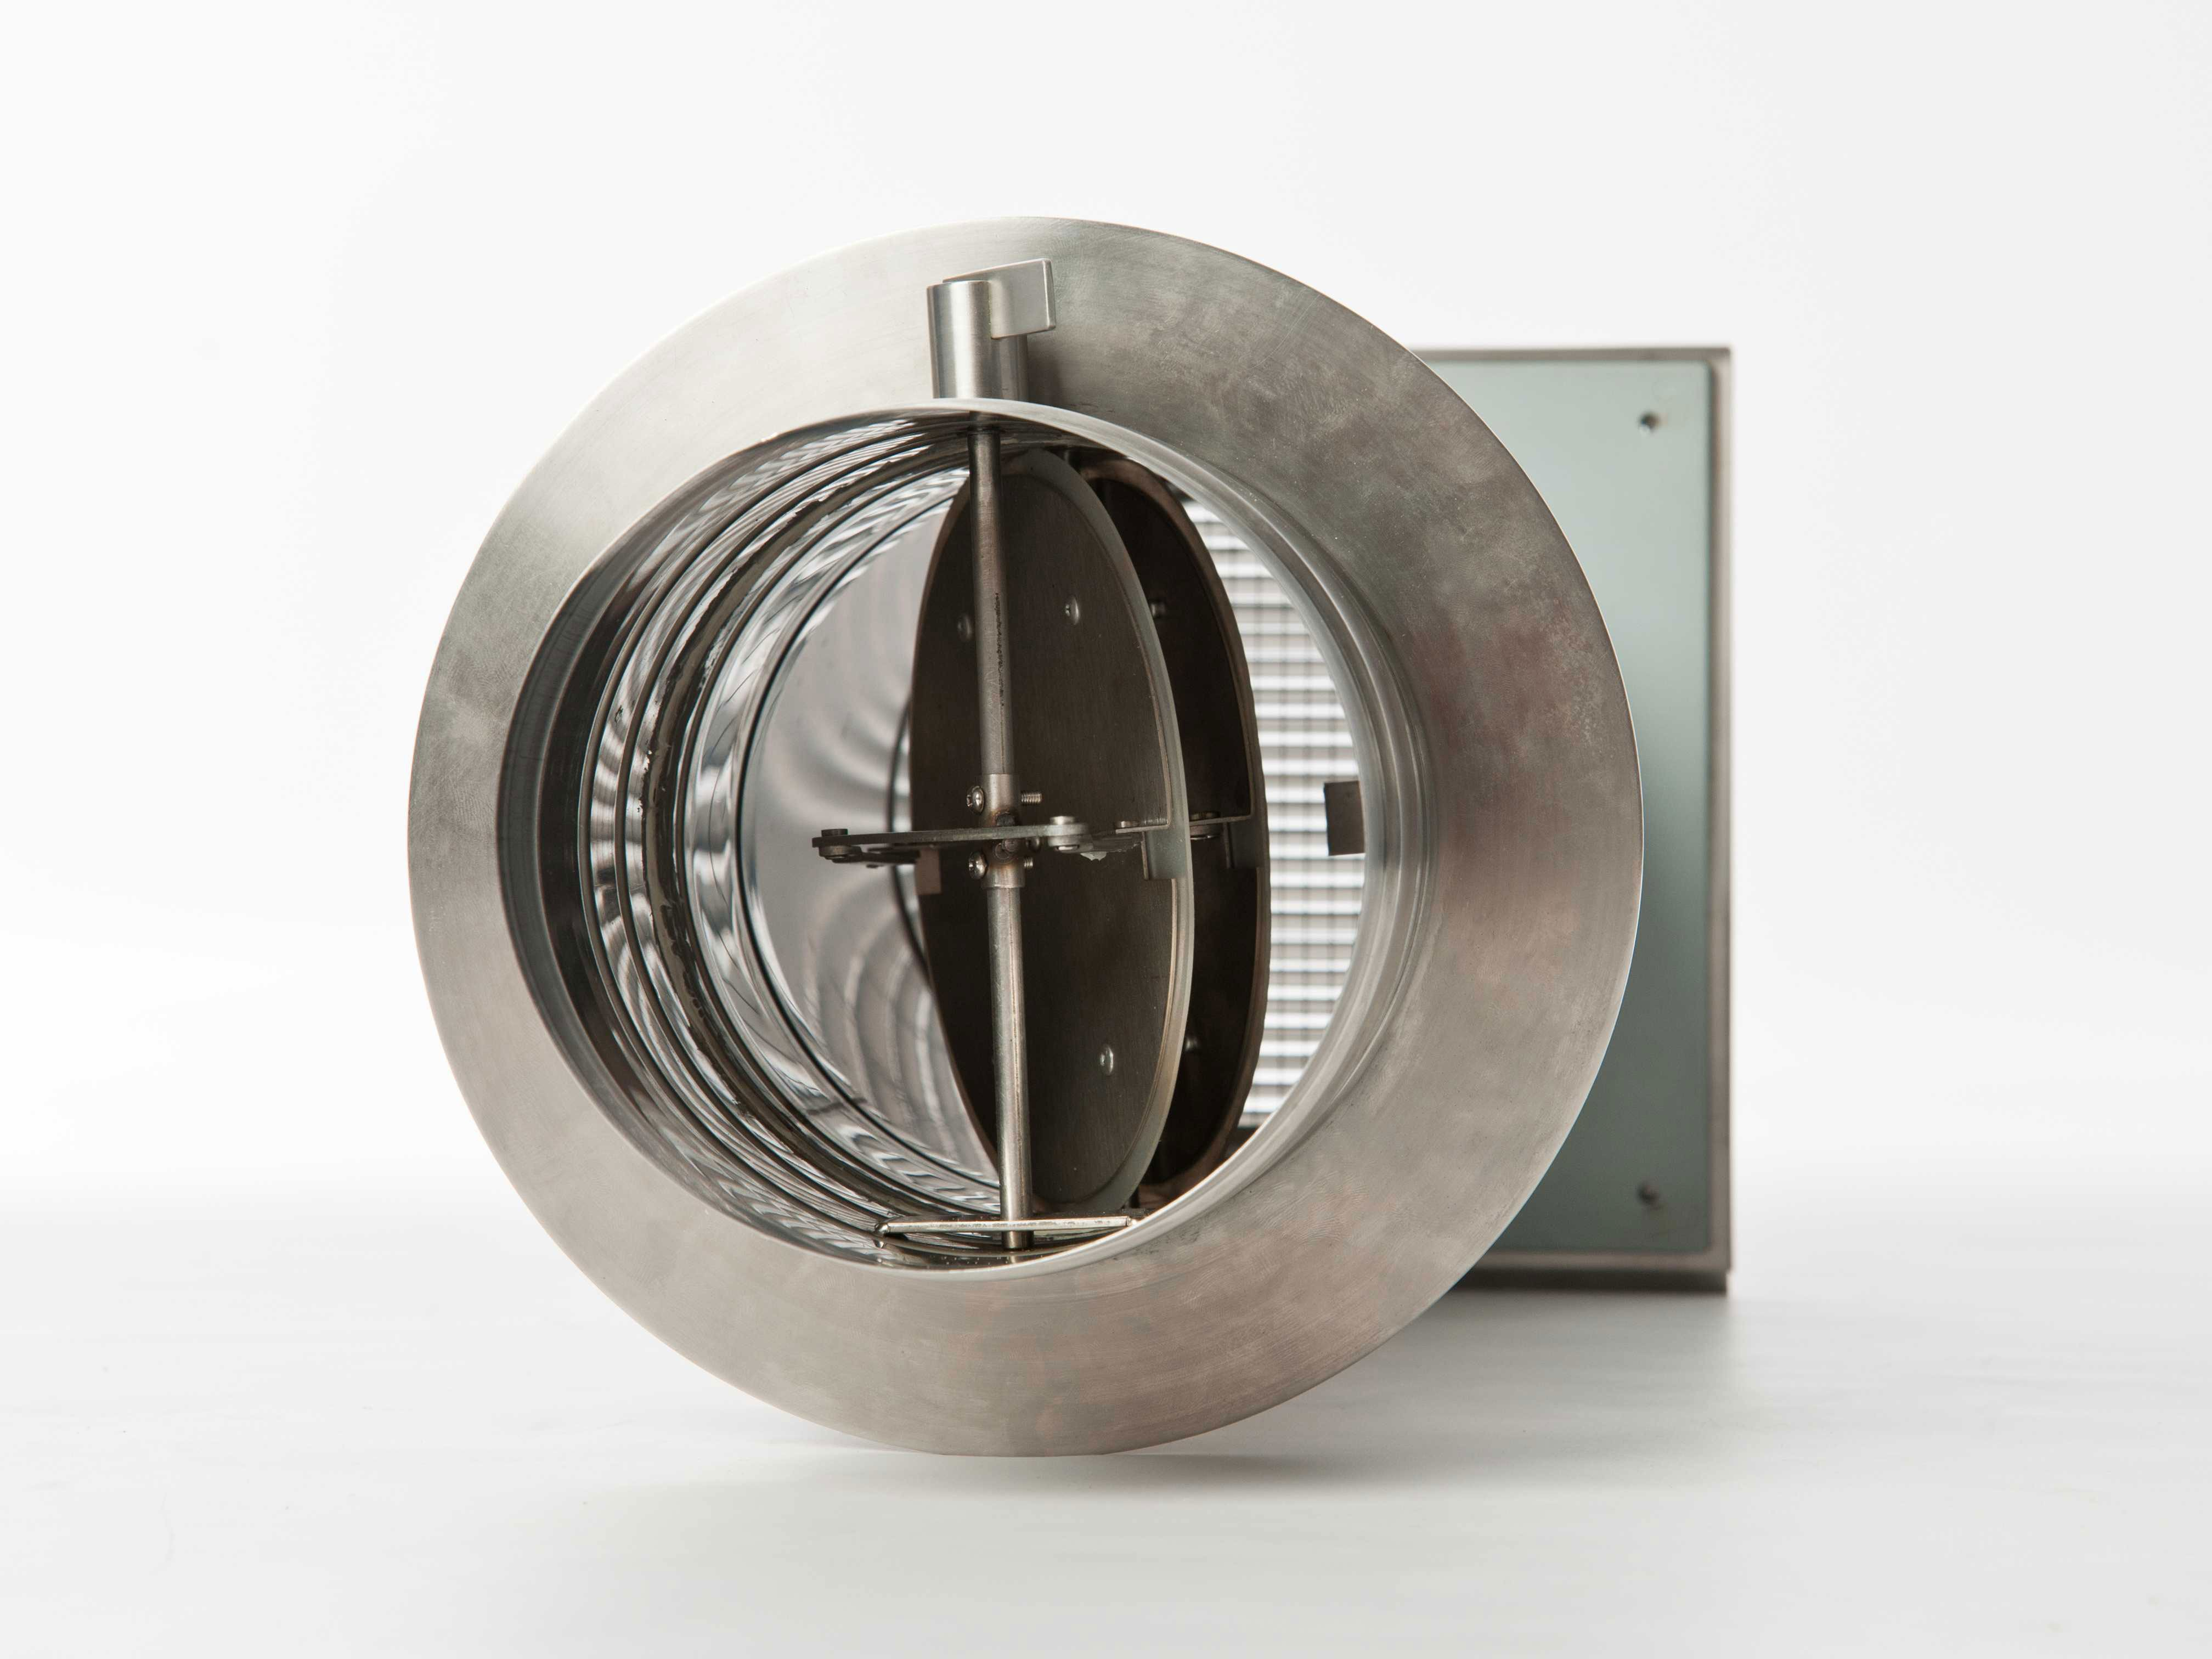 externer Luftanschluss Mauerdurchführung Doppelklappe 125mm Stutzen Bild 4